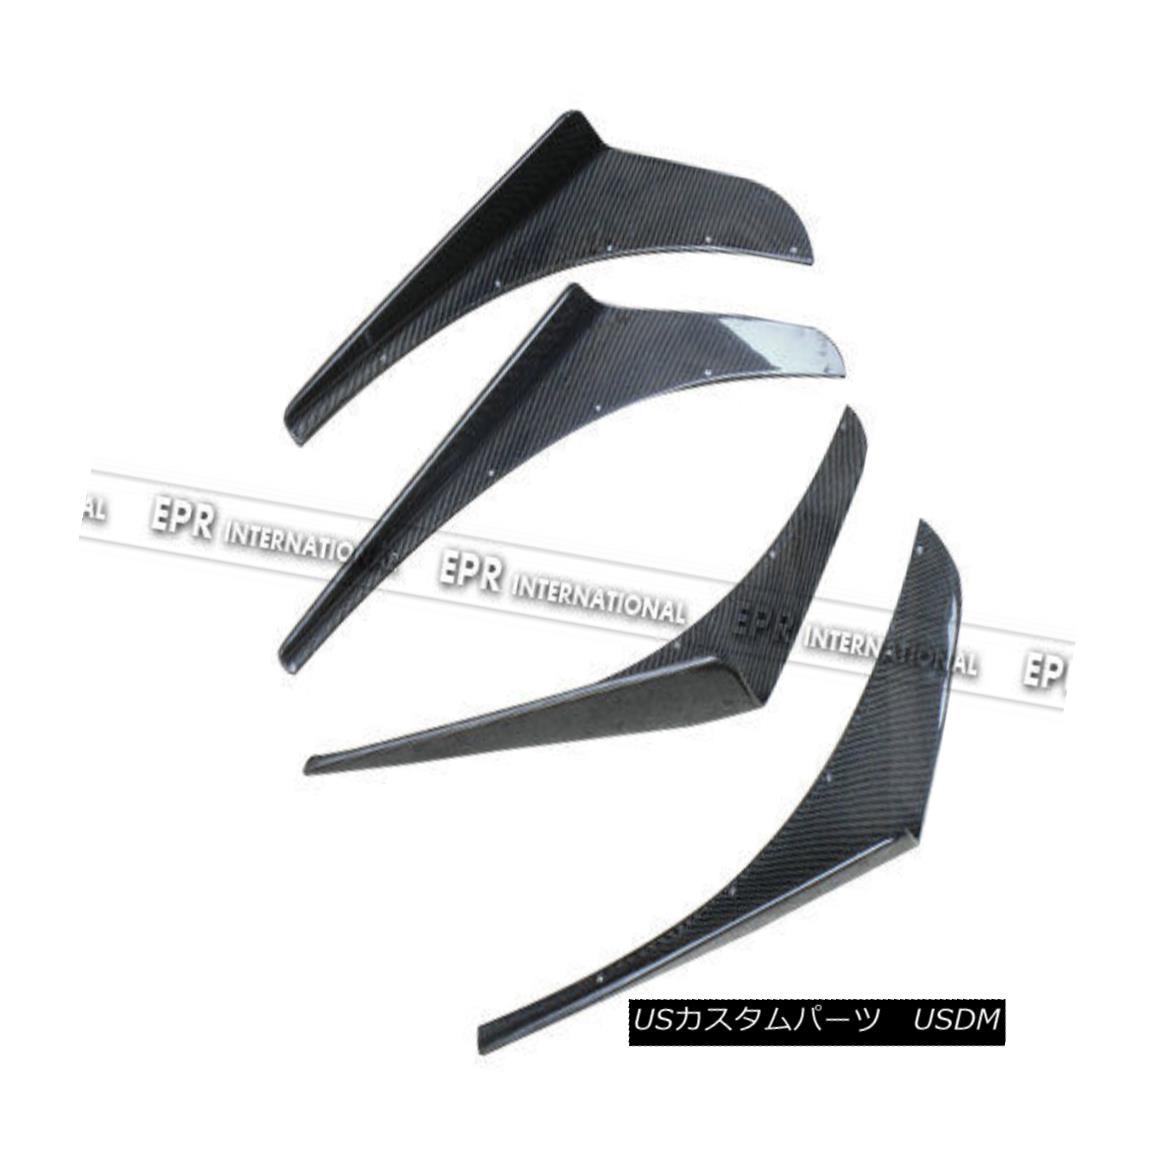 エアロパーツ Universal Voltex Front Bumper Canard Splitter Fin Kit 4pcs Carbon Fiber Exterior ユニバーサルVoltexフロントバンパーカナードスプリッターフィンキット4本カーボンファイバーの外装